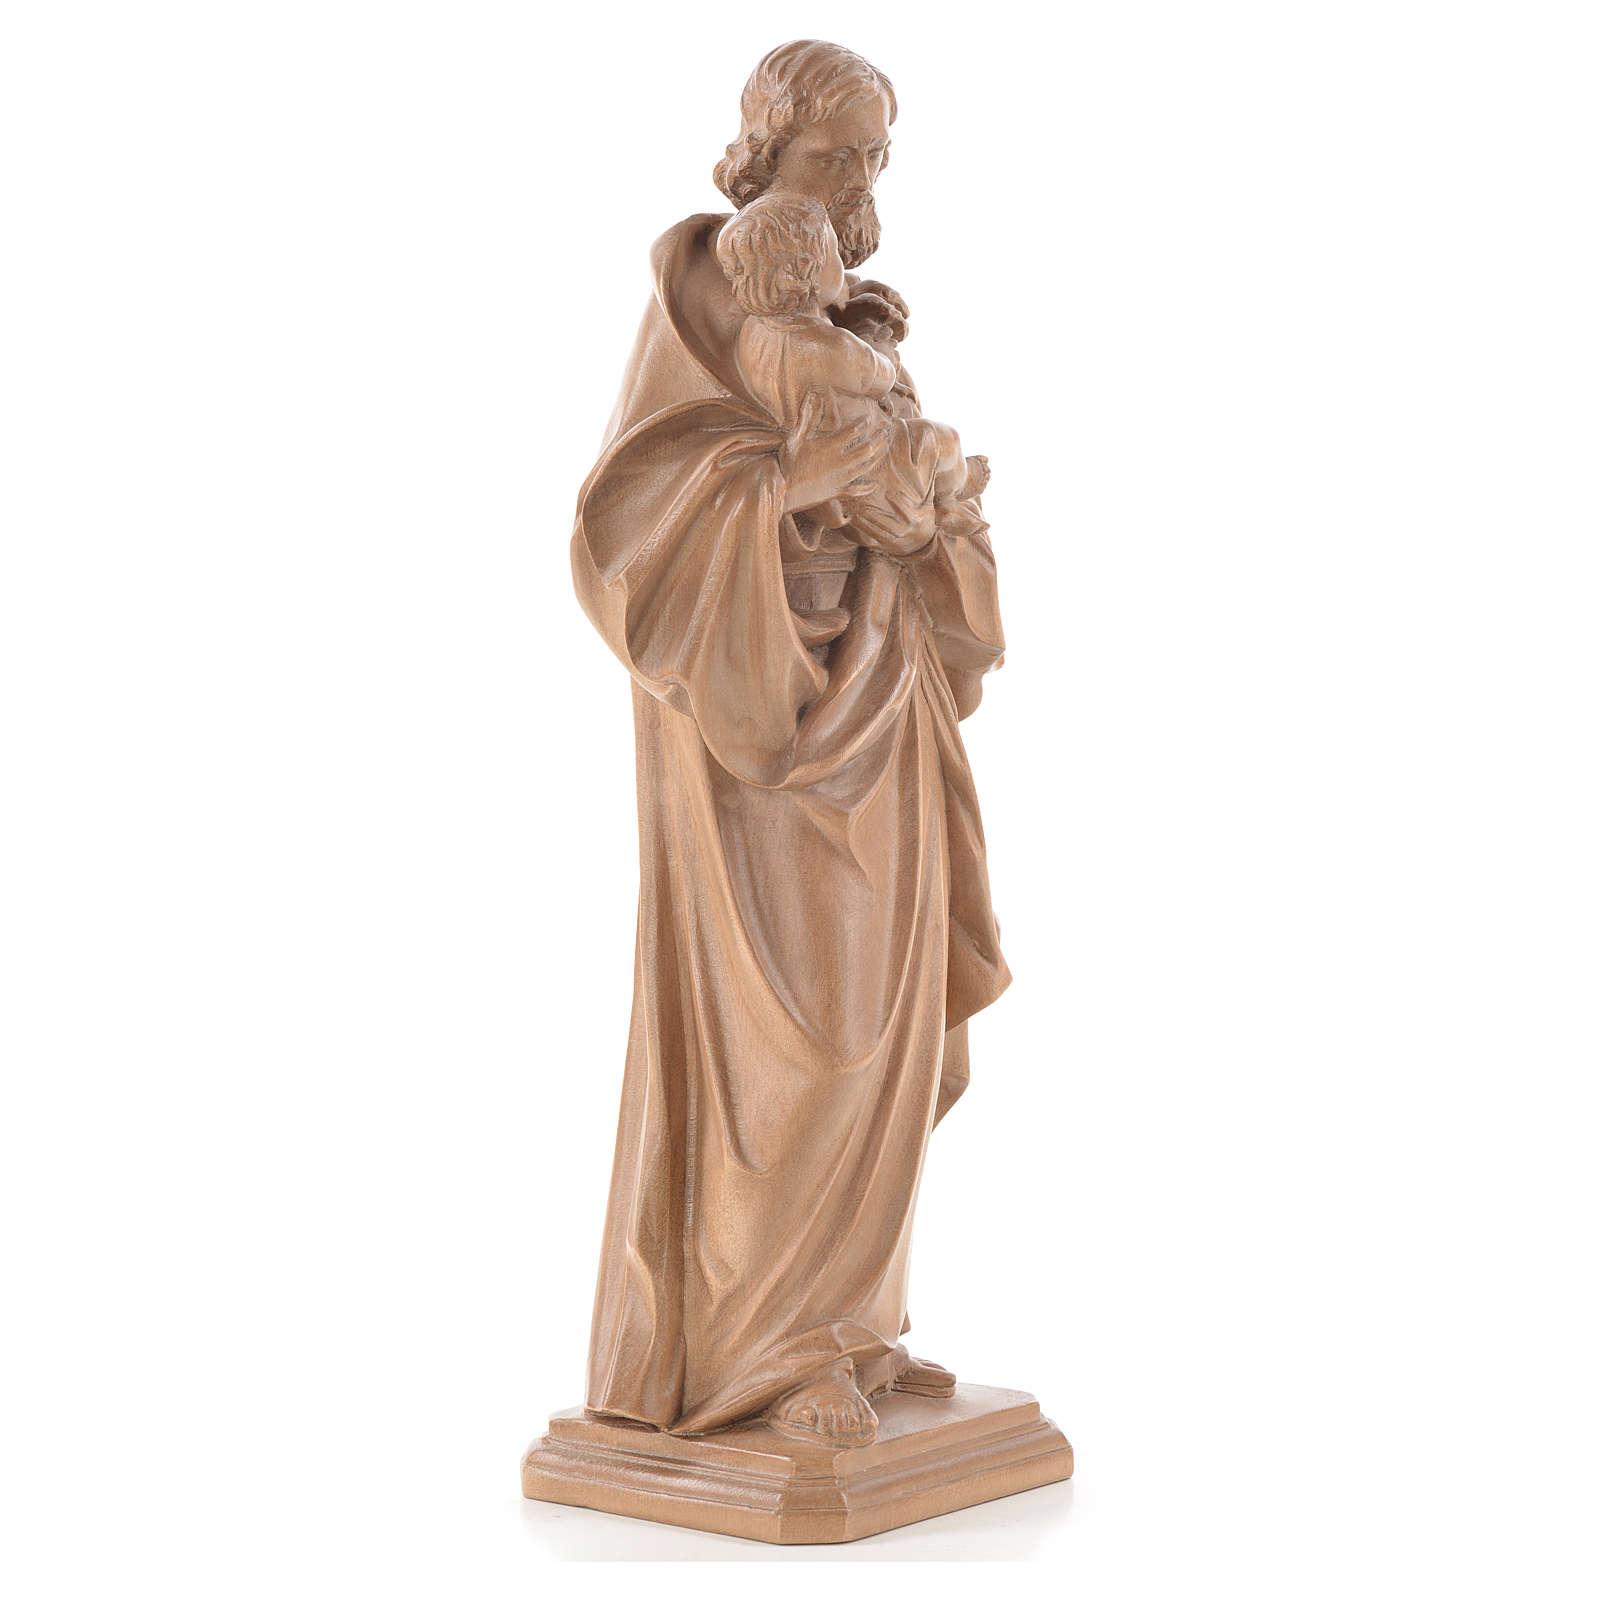 São José de Guido Reni madeira Val Gardena patinada 4